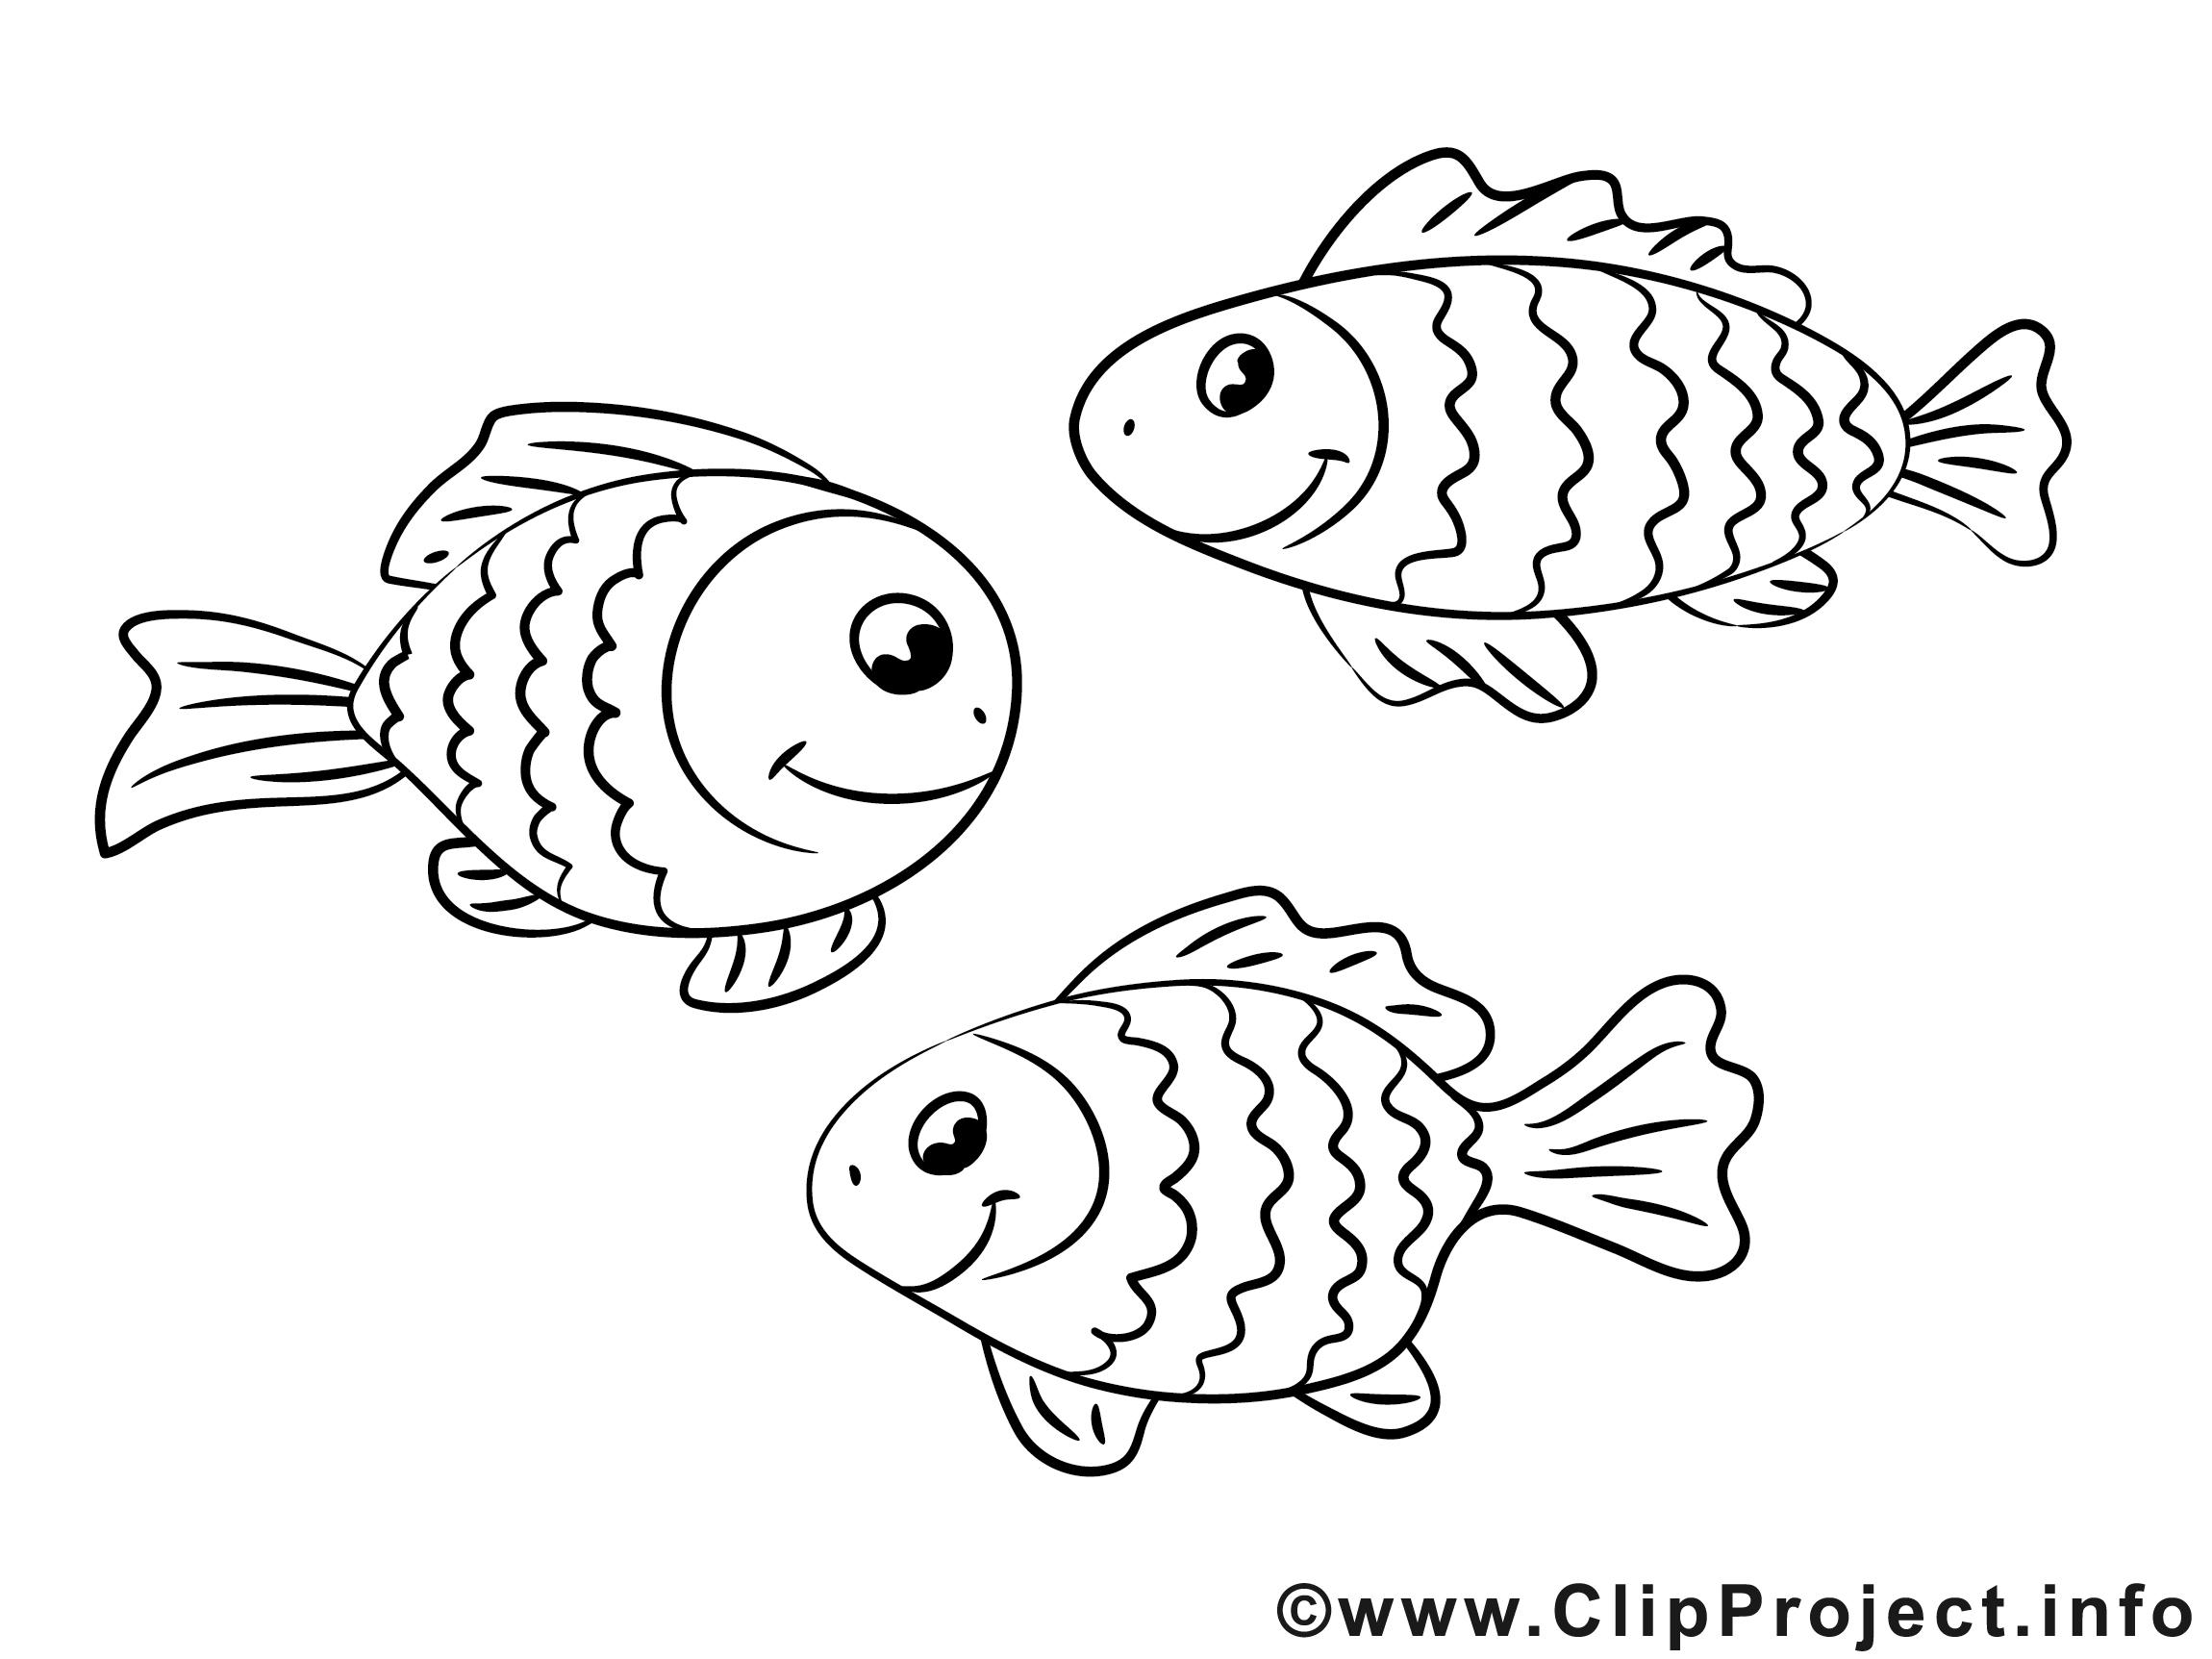 Cliparts zum ausmalen. Fische ausmalbilder gratis